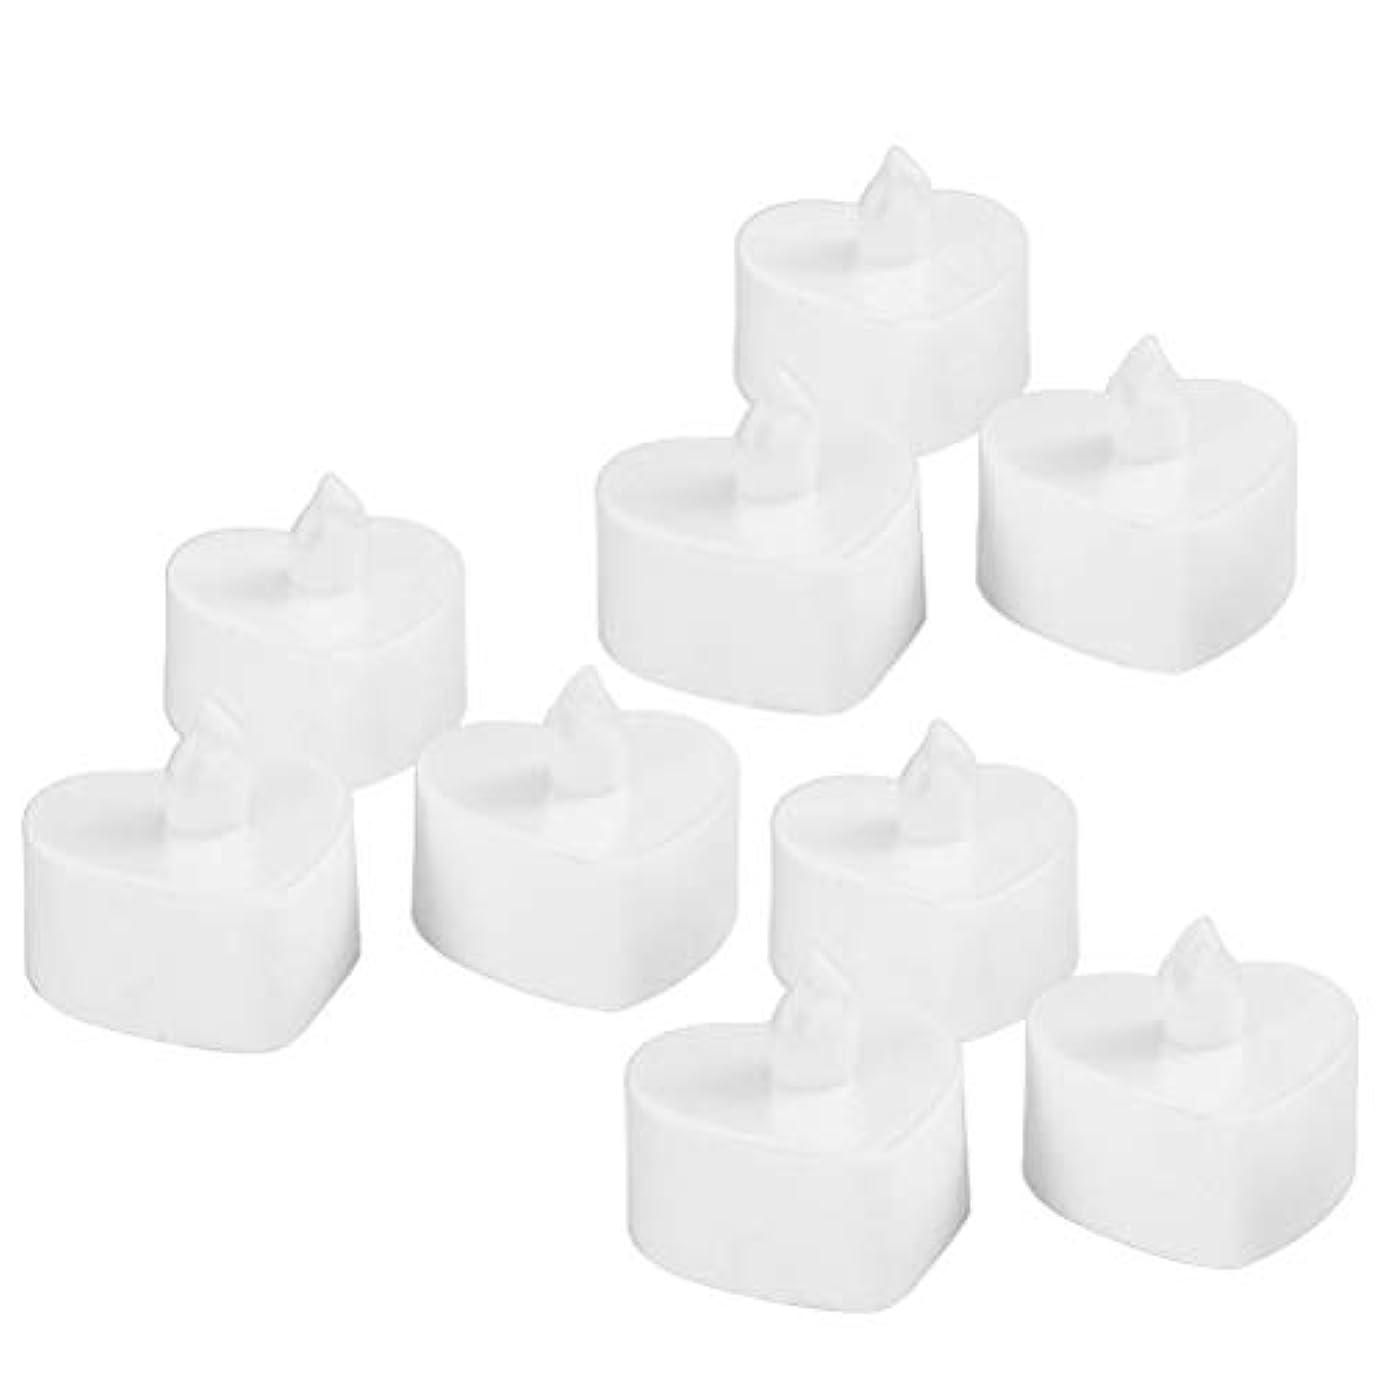 精度威するお風呂を持っているBESTOYARD 10個のLed茶ライトは、電池が作動する無炎Tealightキャンドル暖かい黄色のライトは、ハートシェイプのクリスマスのウェディングパーティの装飾(白いシェル、黄色のライト)